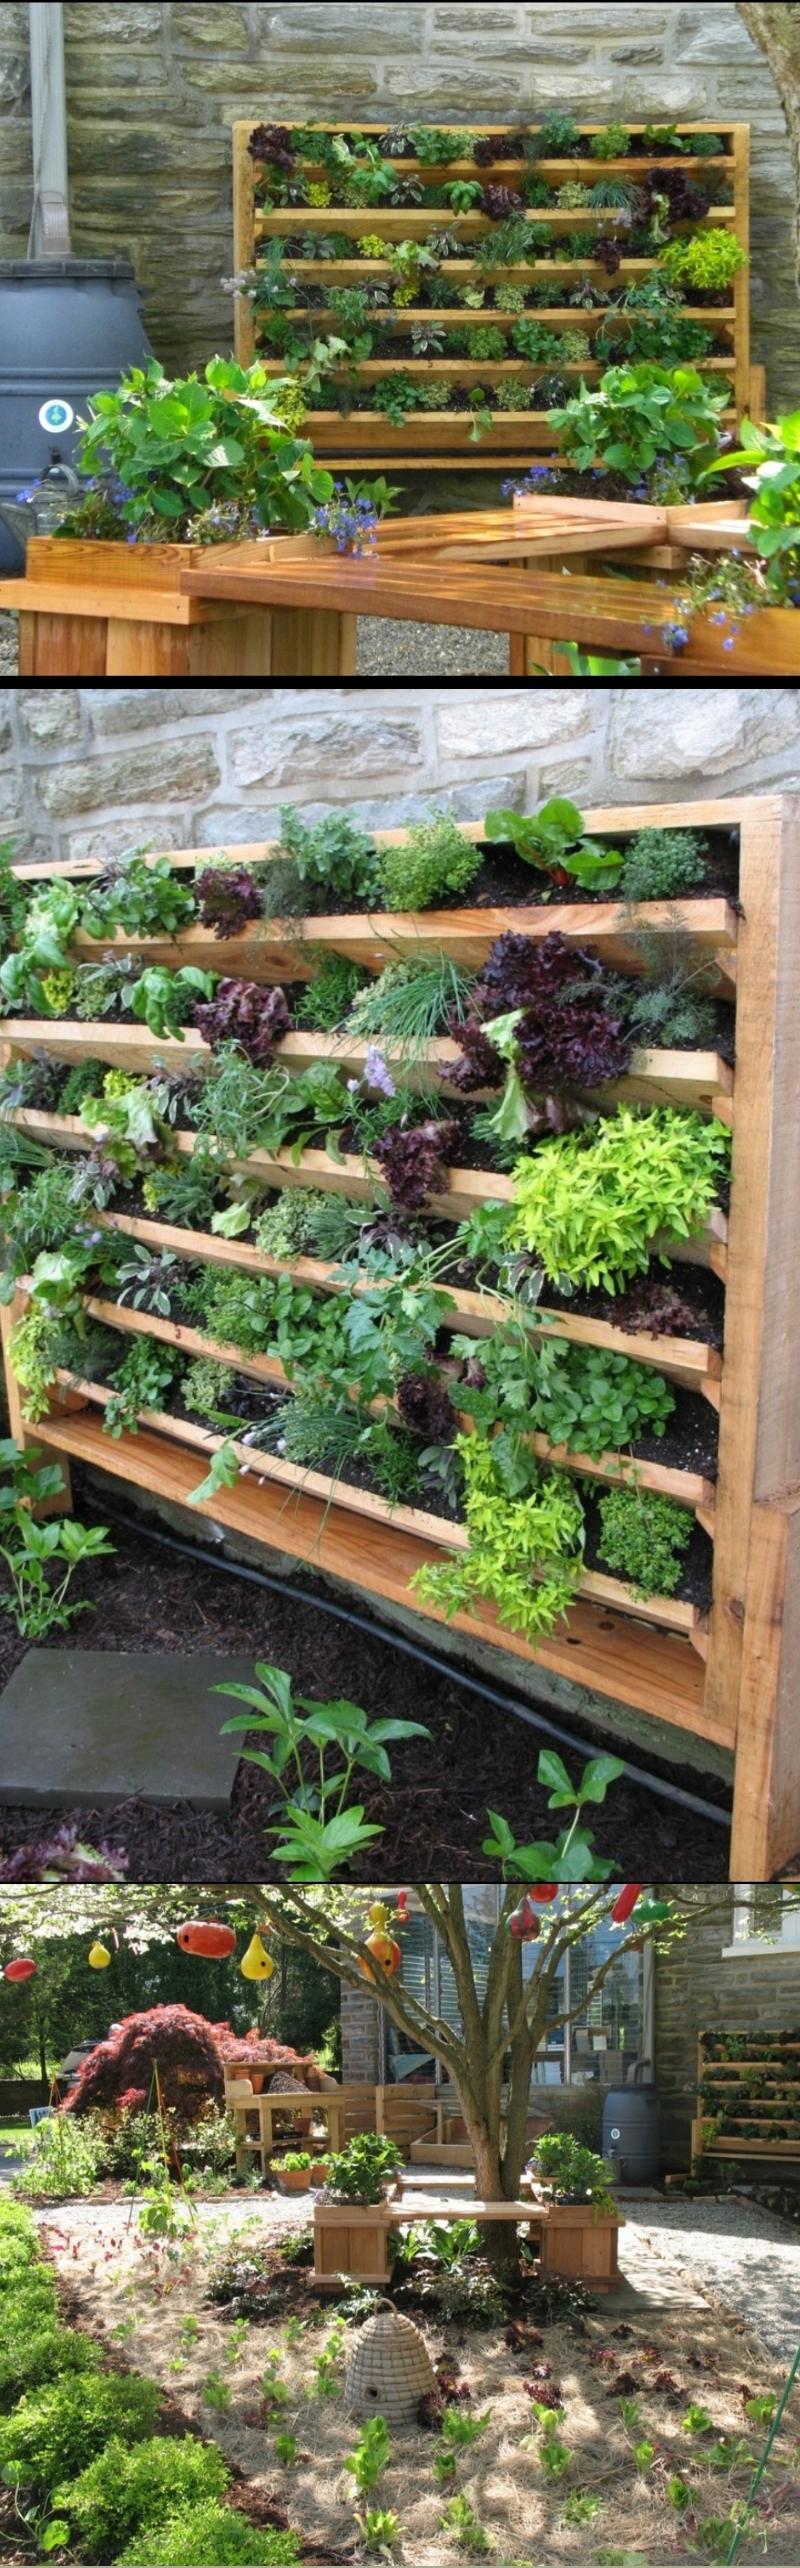 herb garden ideas for beginners